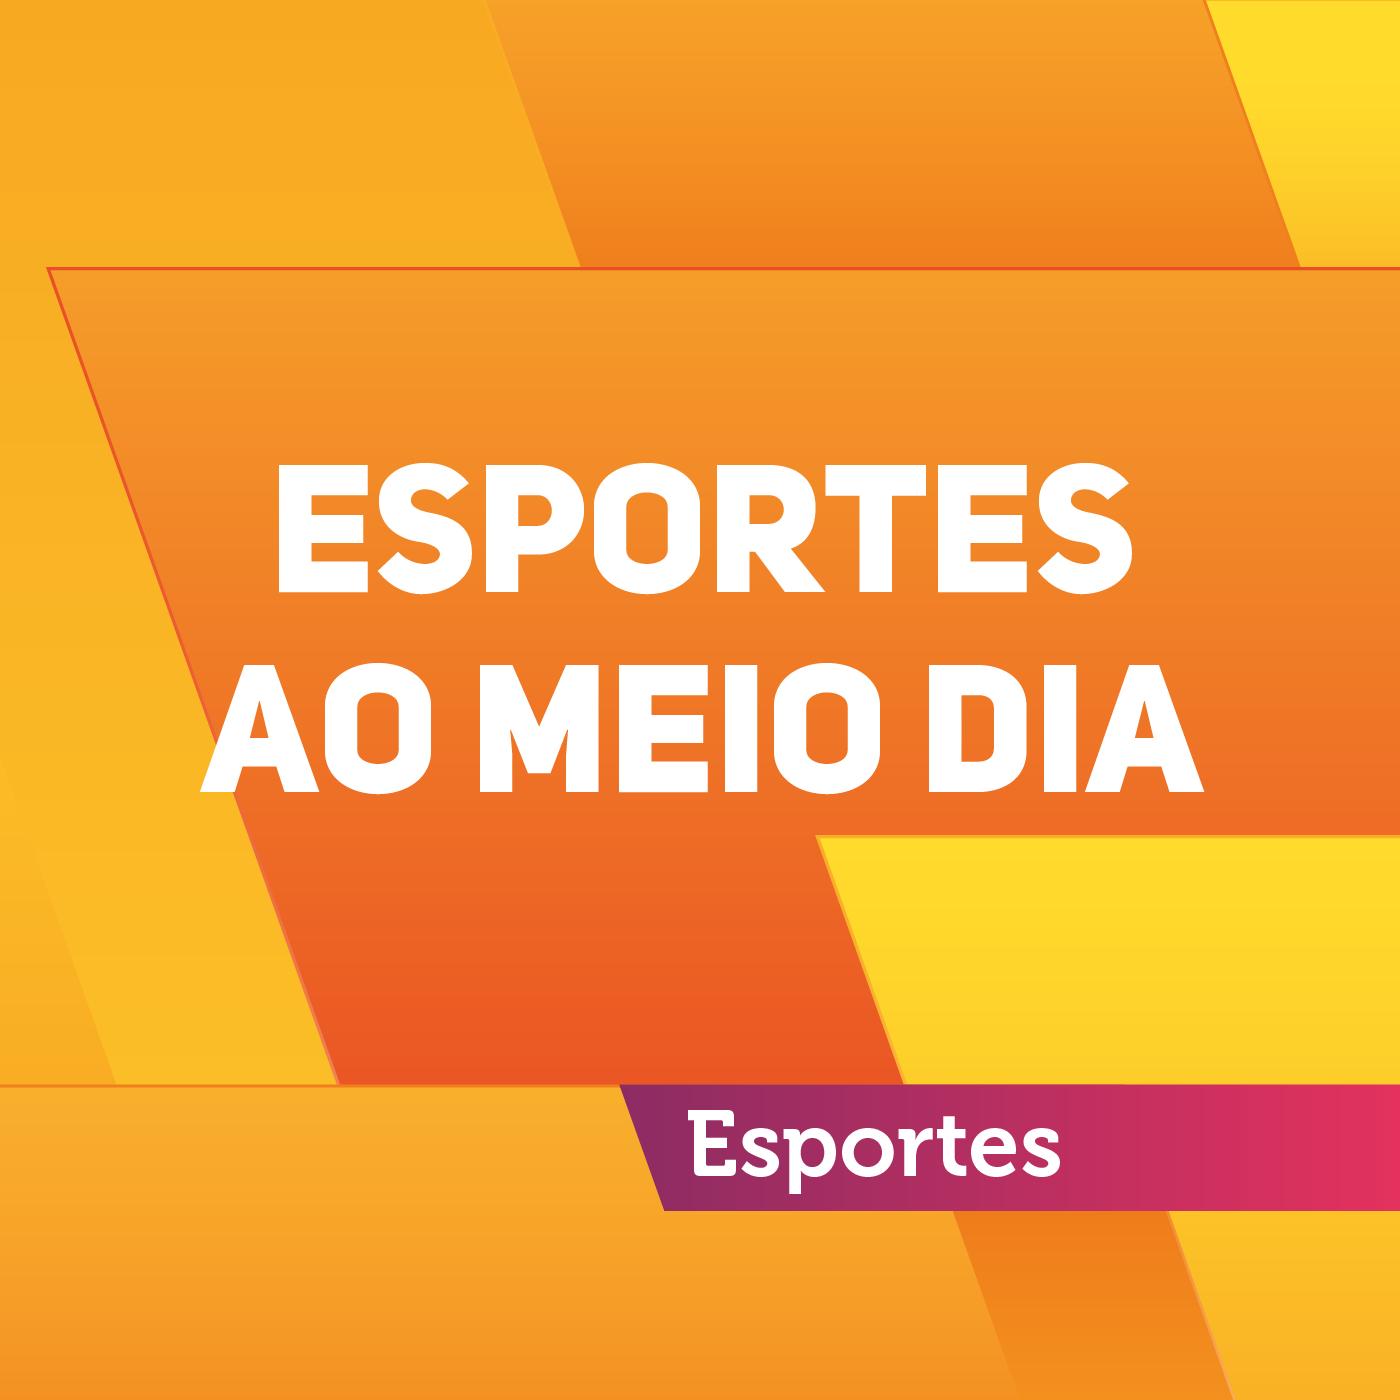 Esportes Ao Meio Dia 24.03.2018